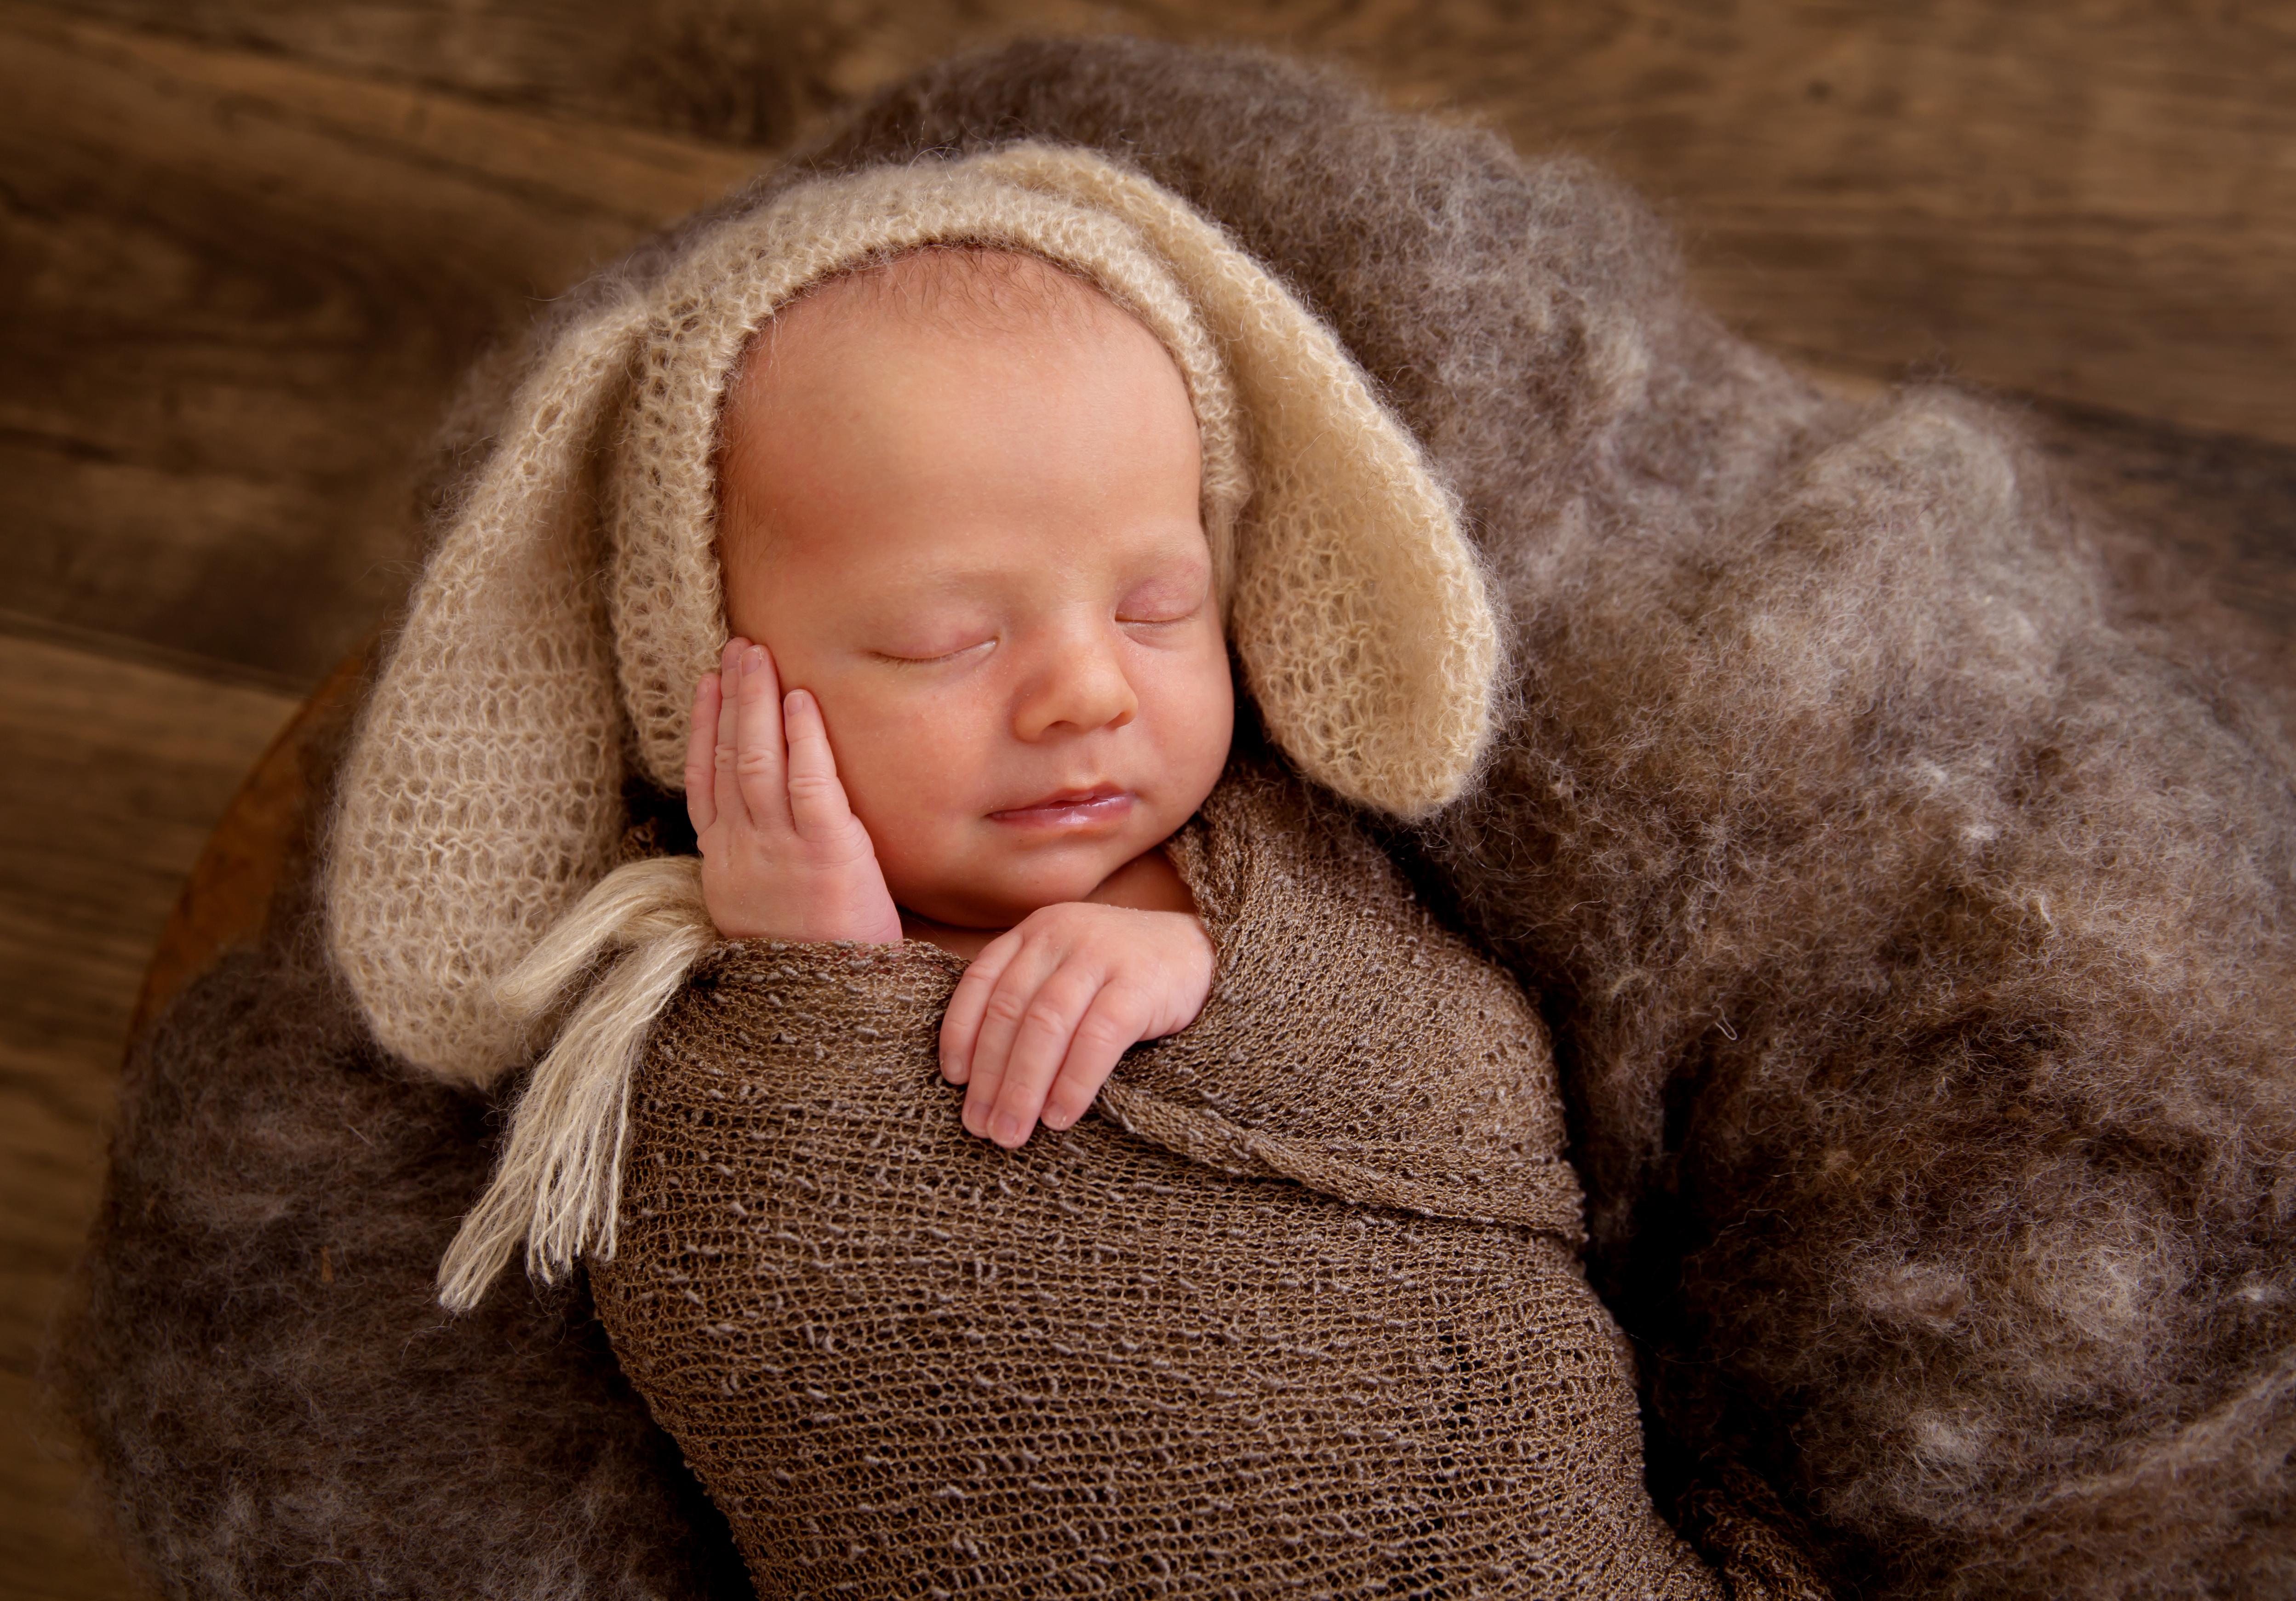 Cute newborn baby photography newborn photoshoot hull newborn photography bunny